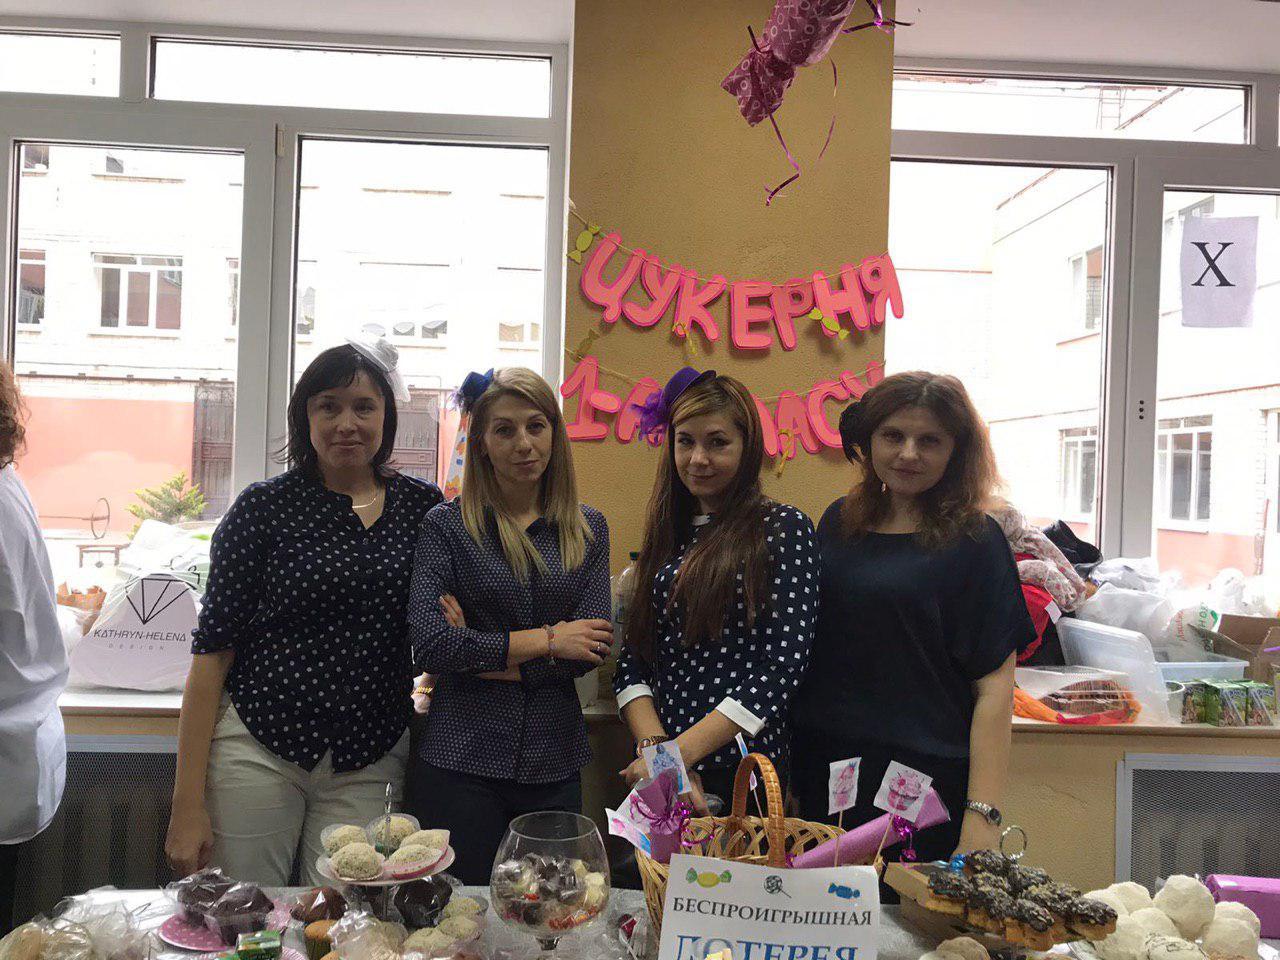 Херсонские школьники на ярмарке собирали деньги для больных раком детей